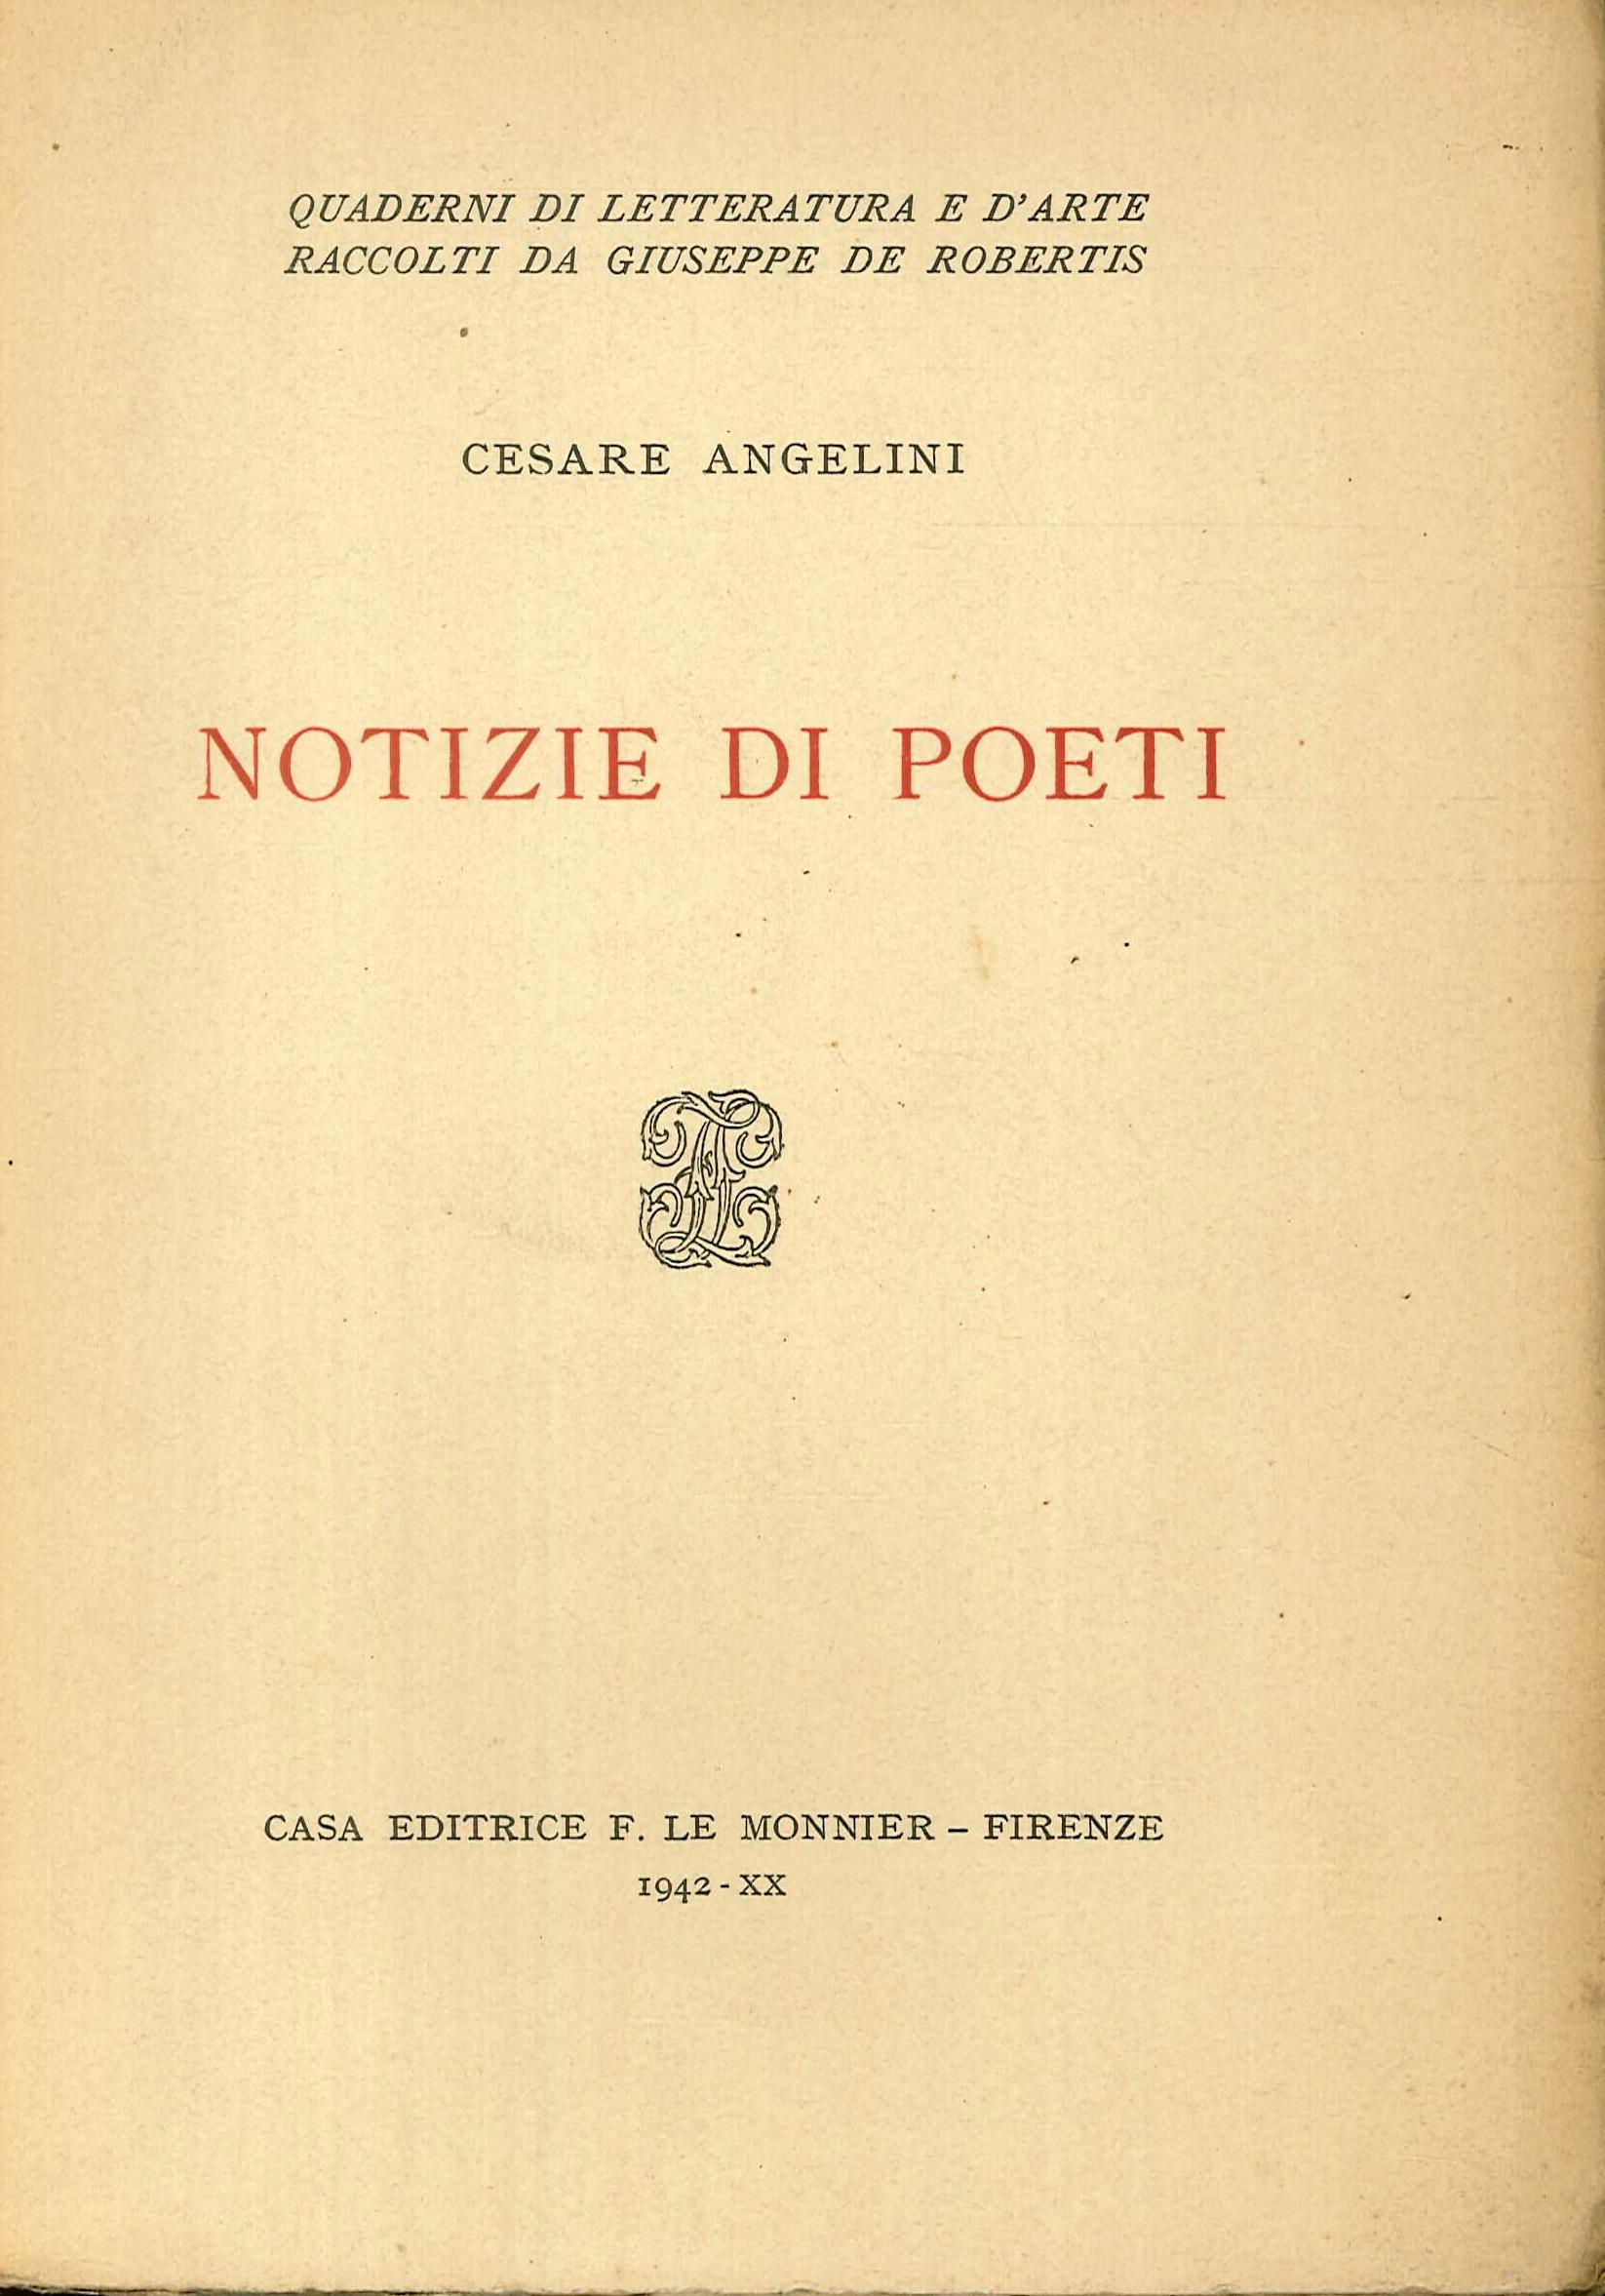 Notizie di poeti.